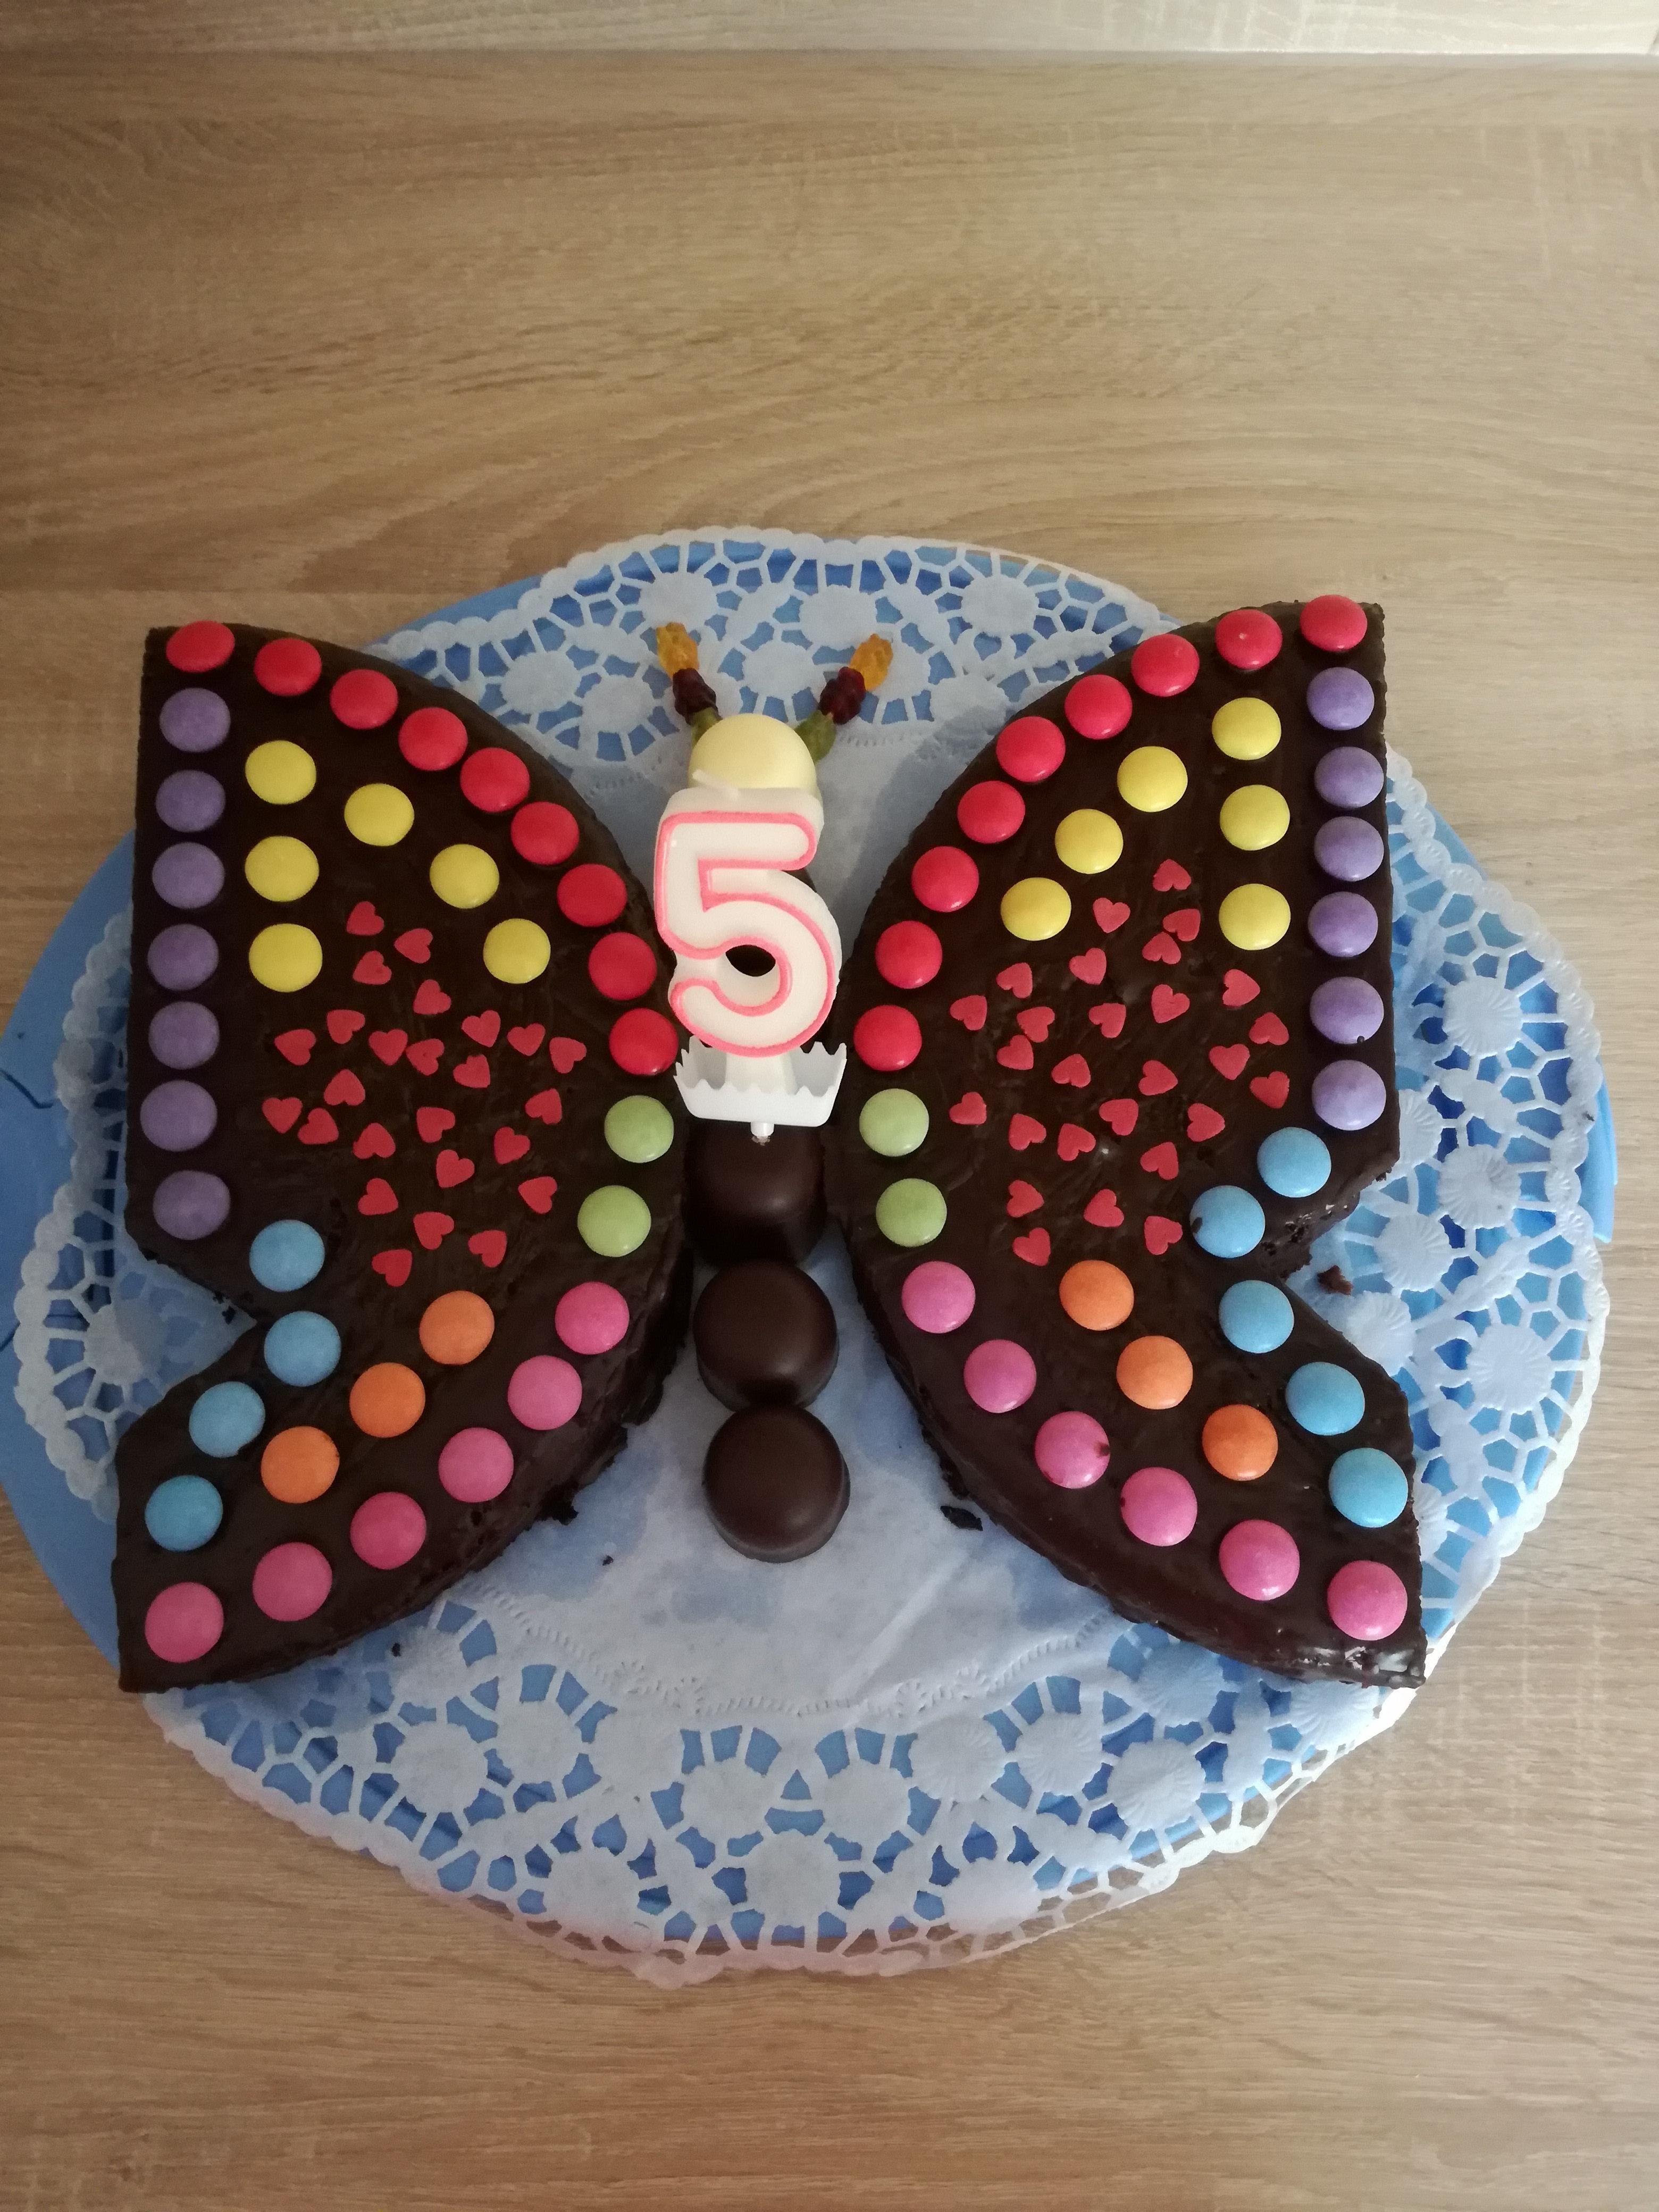 Schoko Kuchen Als Schmetterling Von Msca Auf Www Rezeptwelt De Der